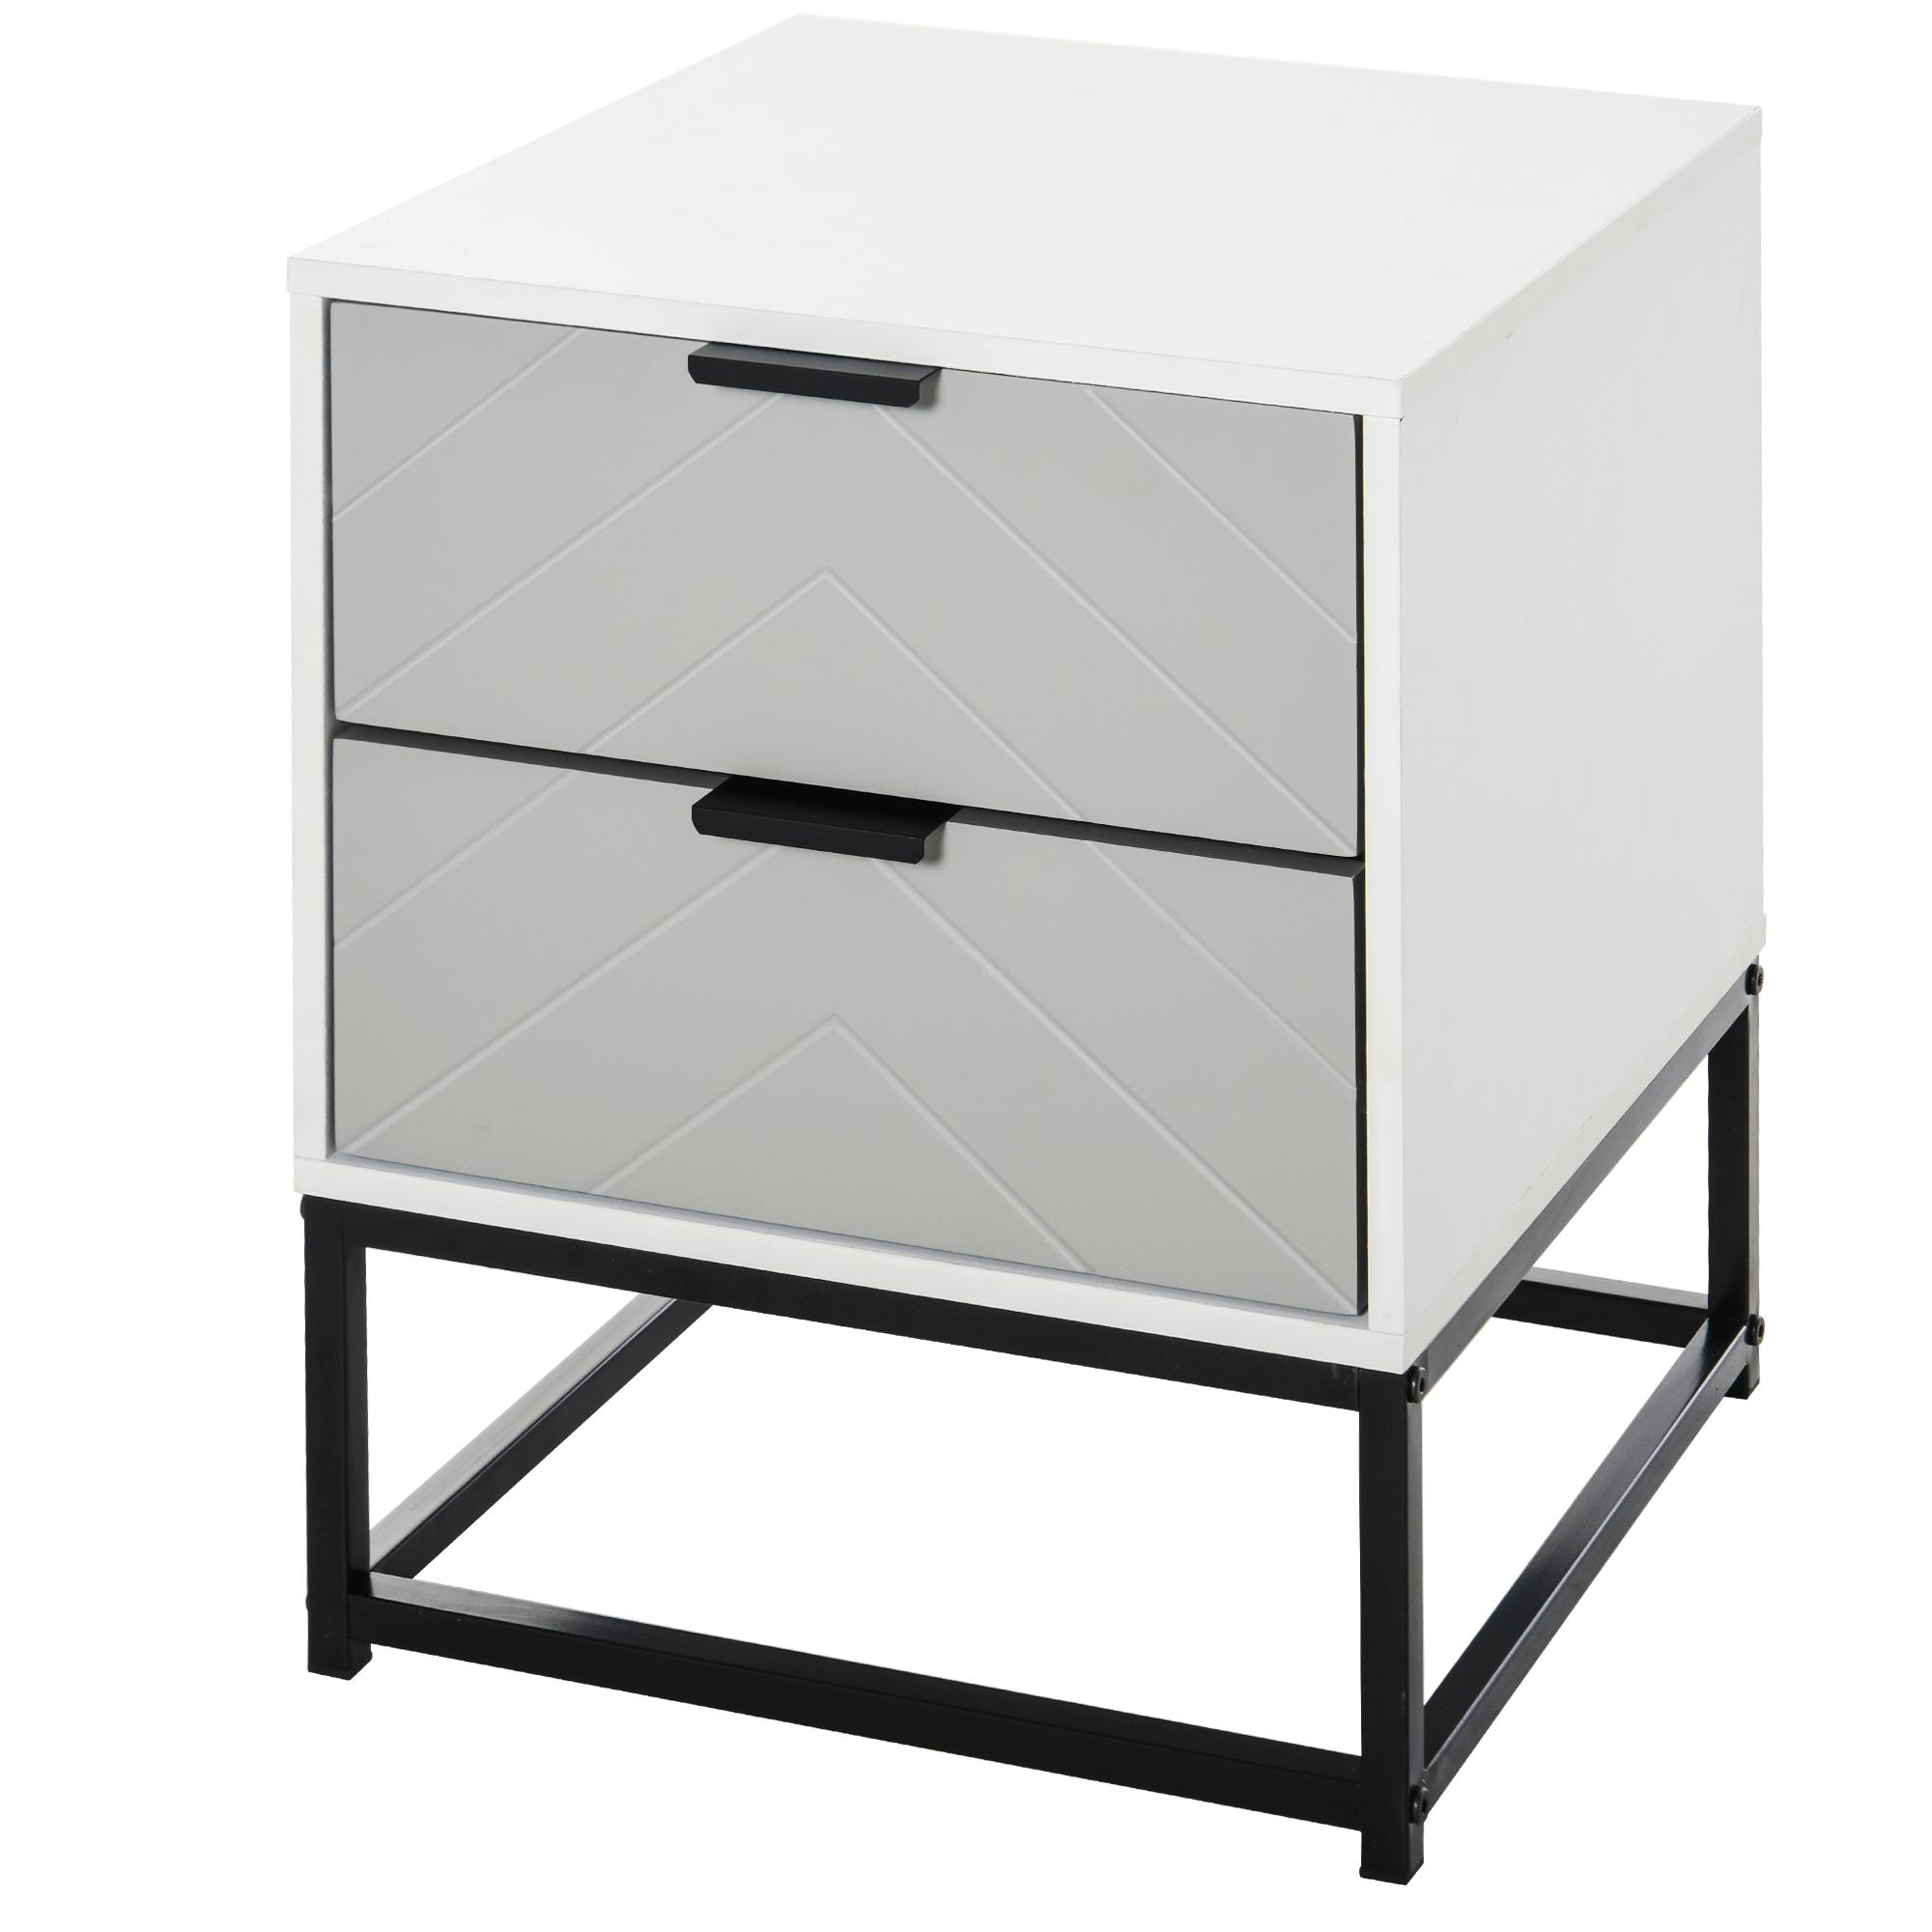 Chevet table de nuit 2 tiroirs piètement métal noir gris blanc